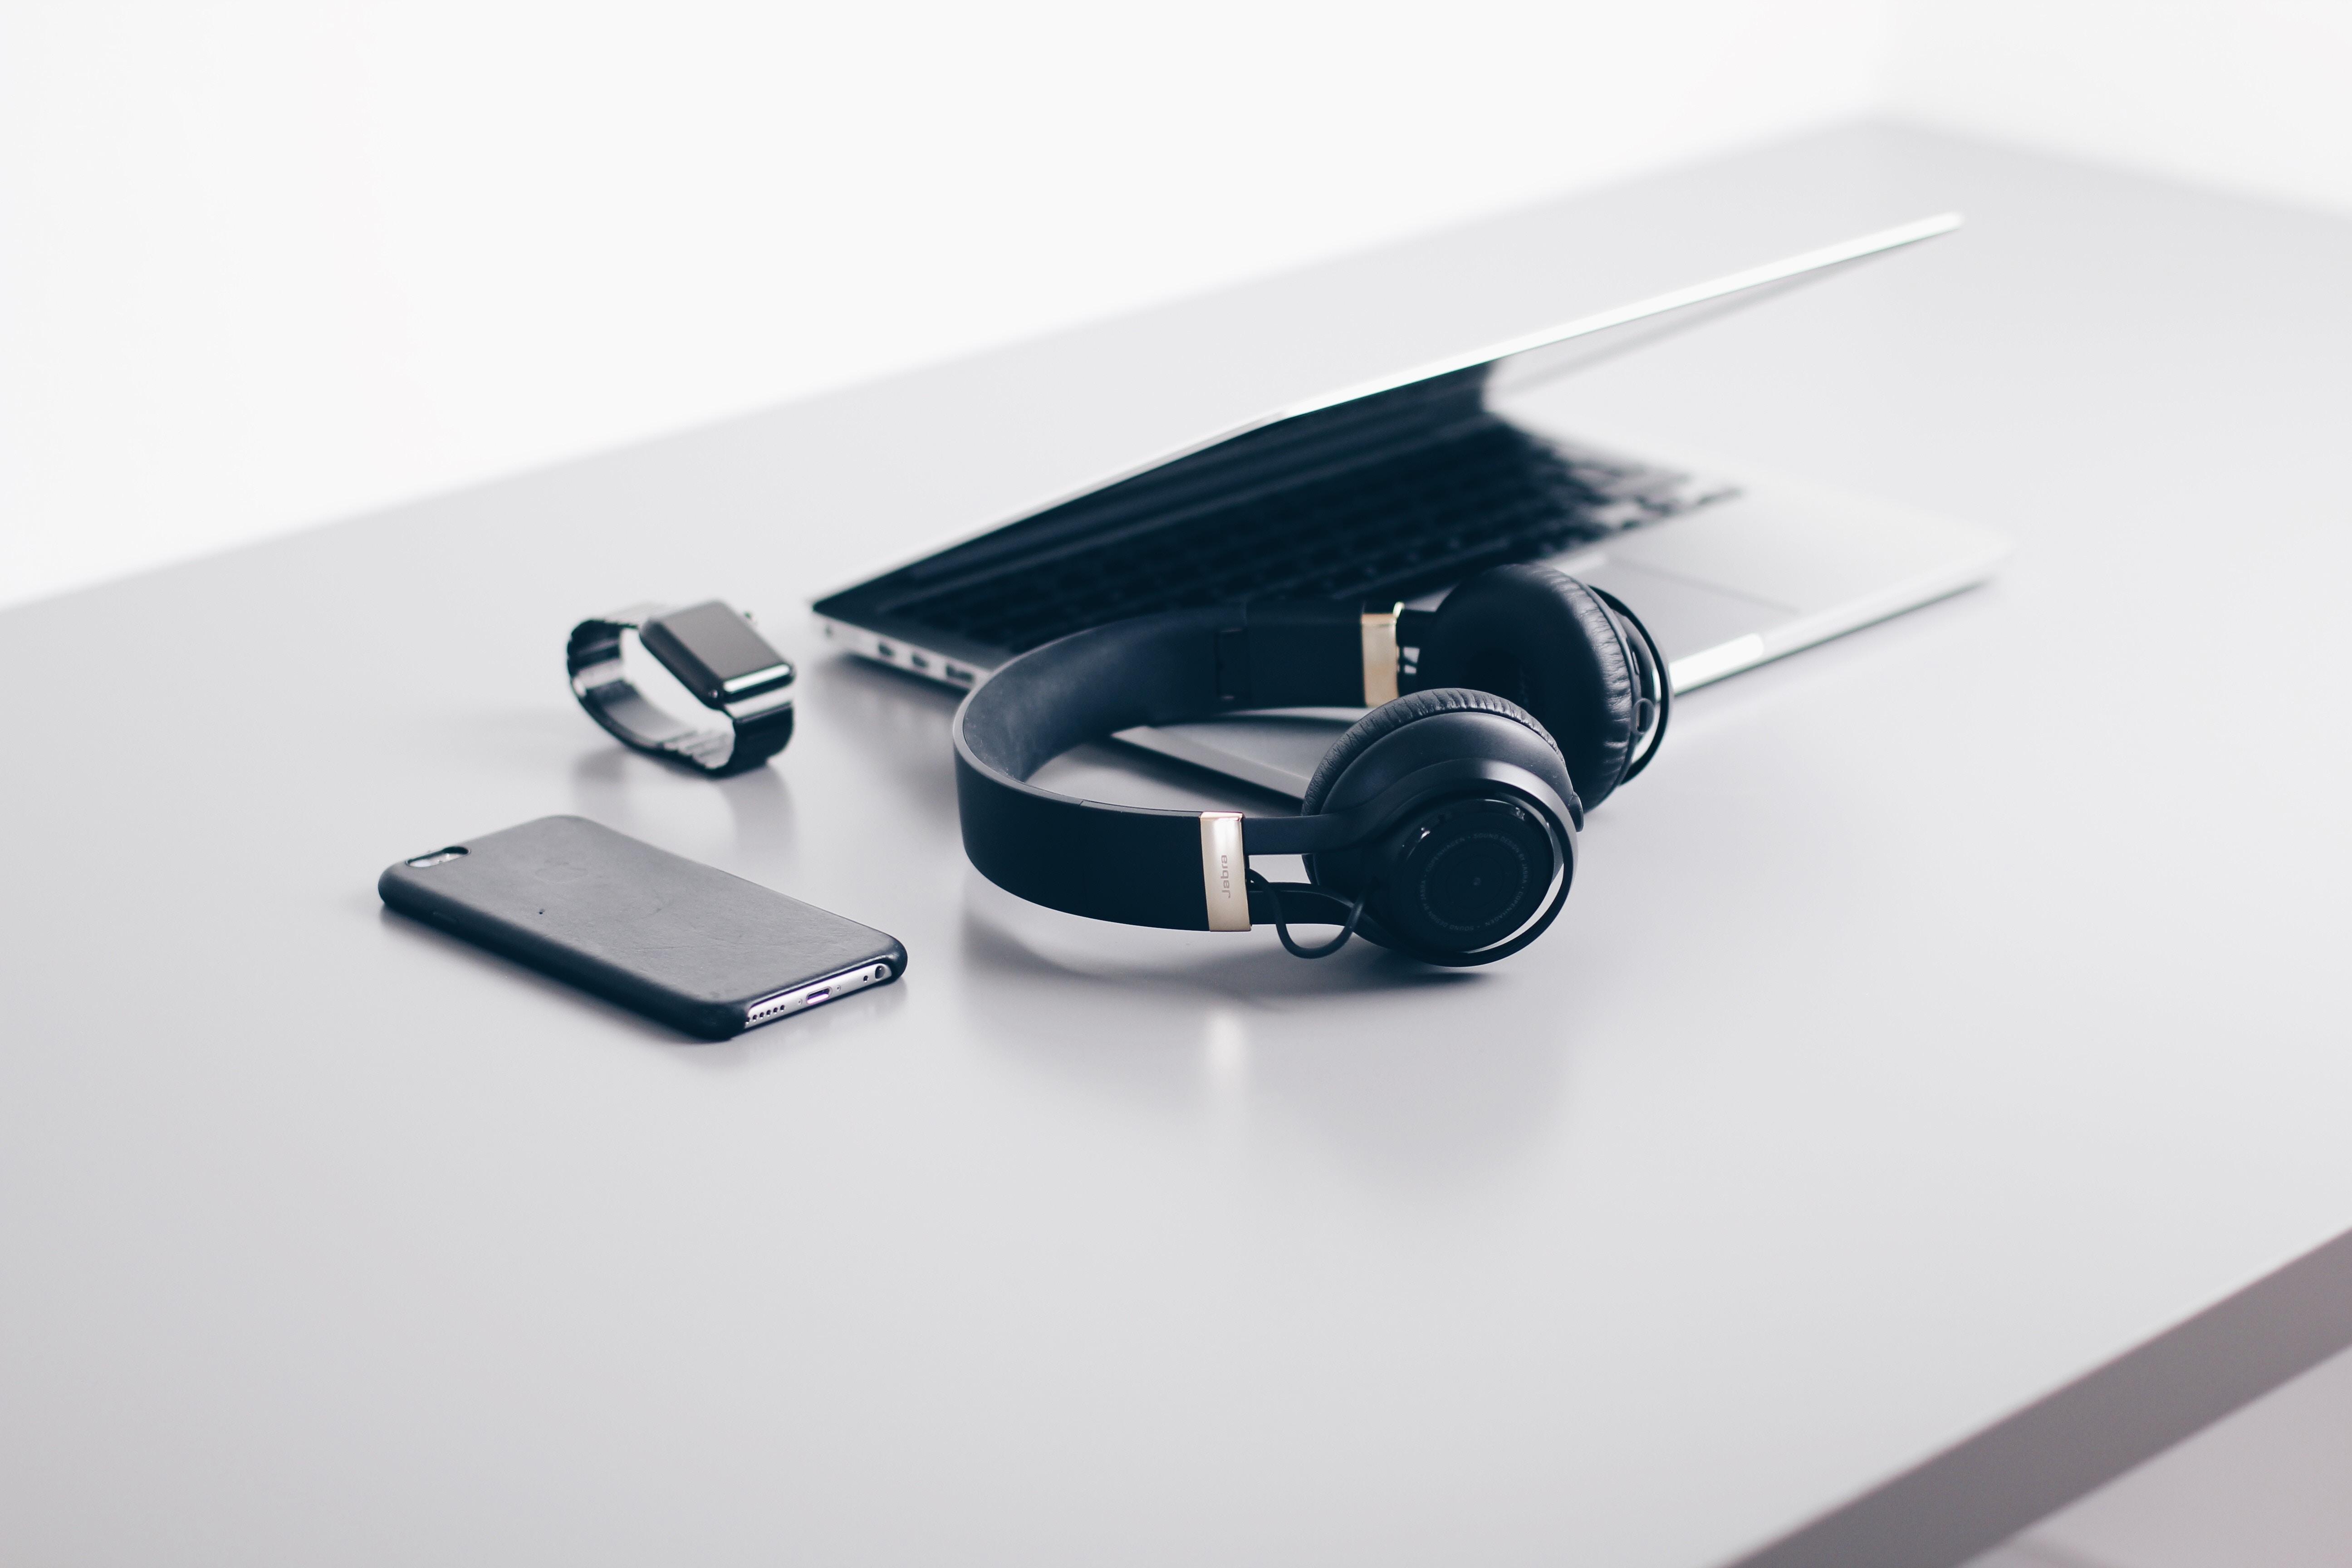 ff609616af7f45 Schäden durch mangelhafte Elektrogeräte – worauf Verbraucher beim Kauf  achten sollten